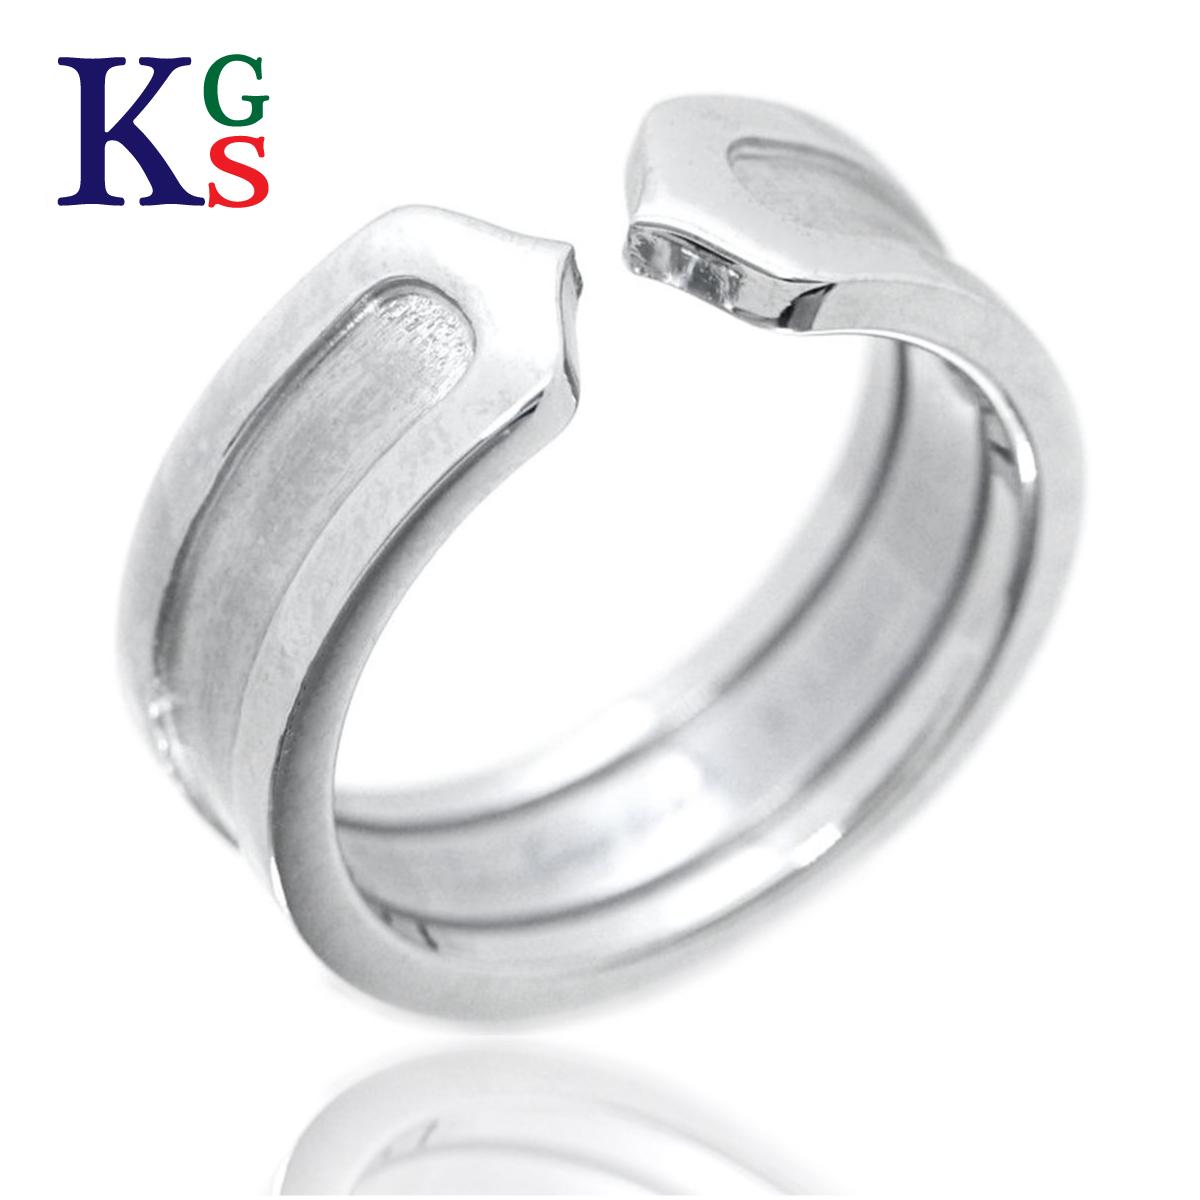 【ギフト品質】【名入れ】カルティエ/Cartier / ジュエリー 指輪 レディース ホワイトゴールド / 2C ロゴリング K18WG B4040500